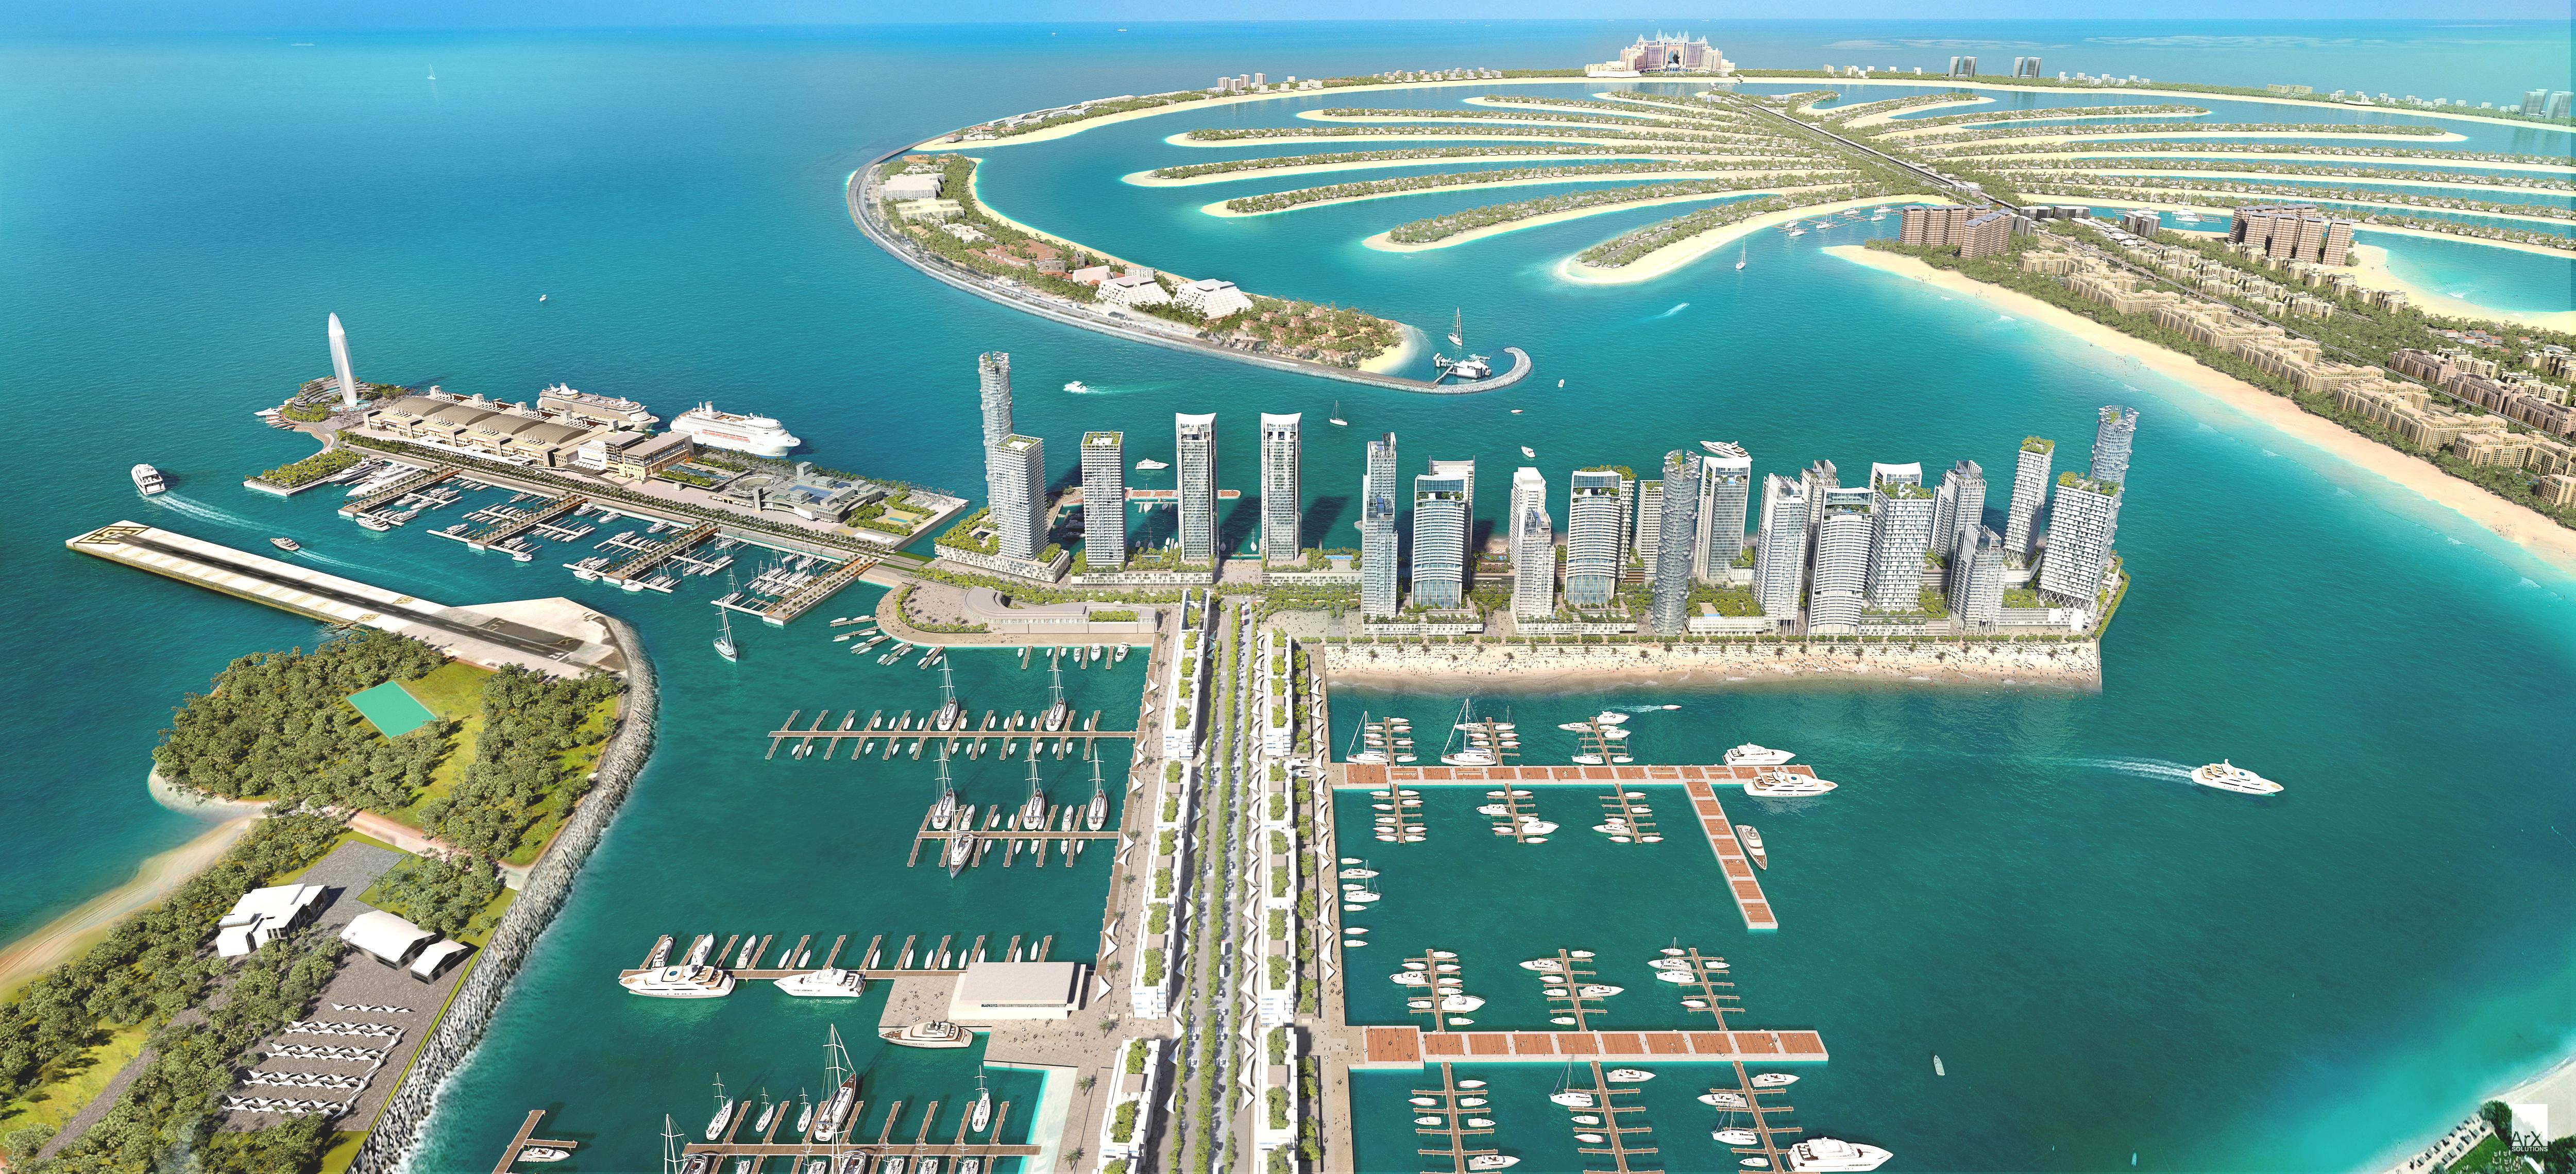 SQ8-DubaiHarbour-03-Cam Aerial02-02